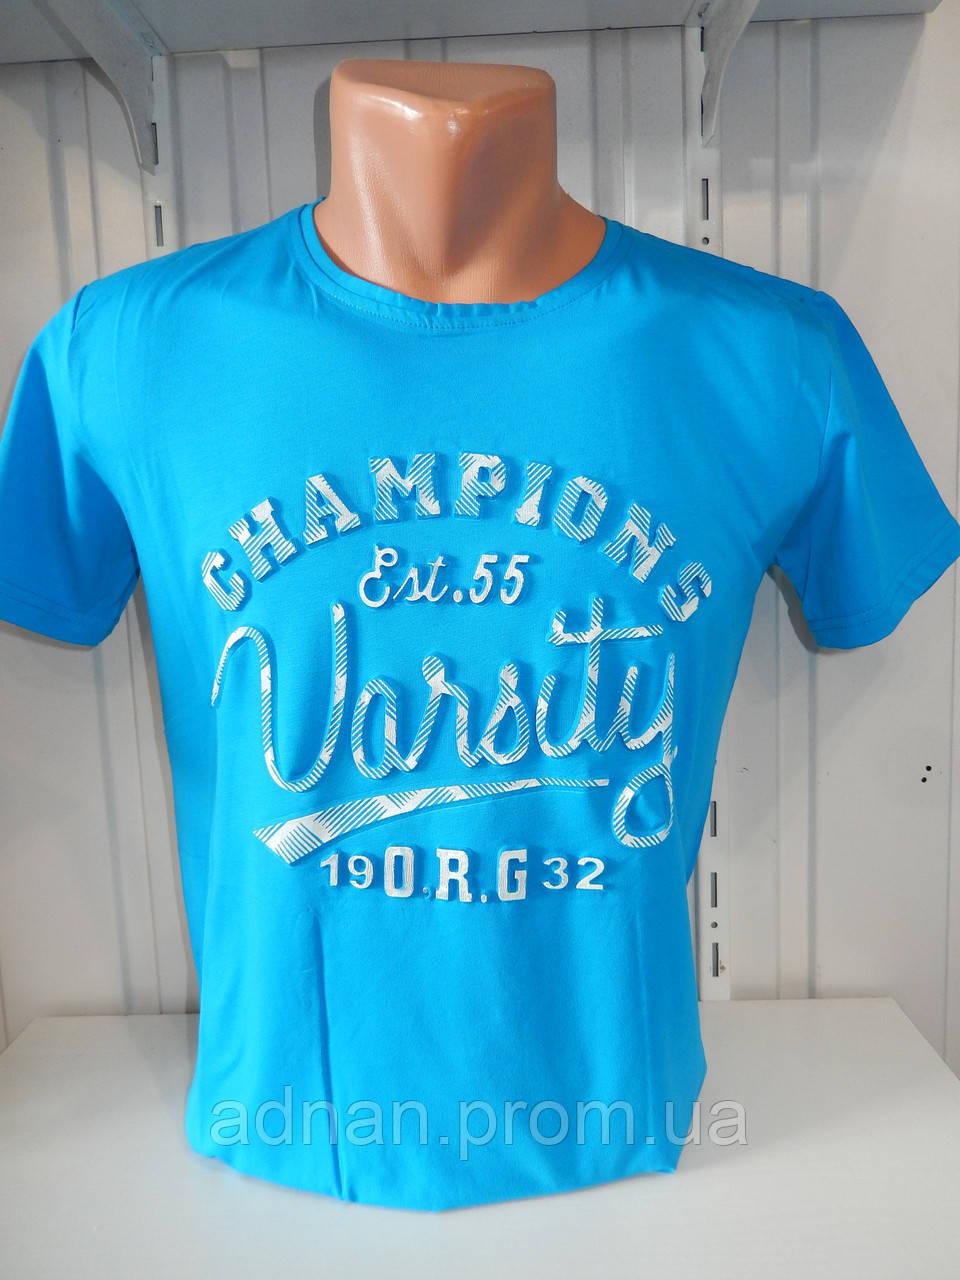 Футболка мужская 3Д RBS  стрейч коттон VARCITY 002 \ купить футболку мужскую оптом